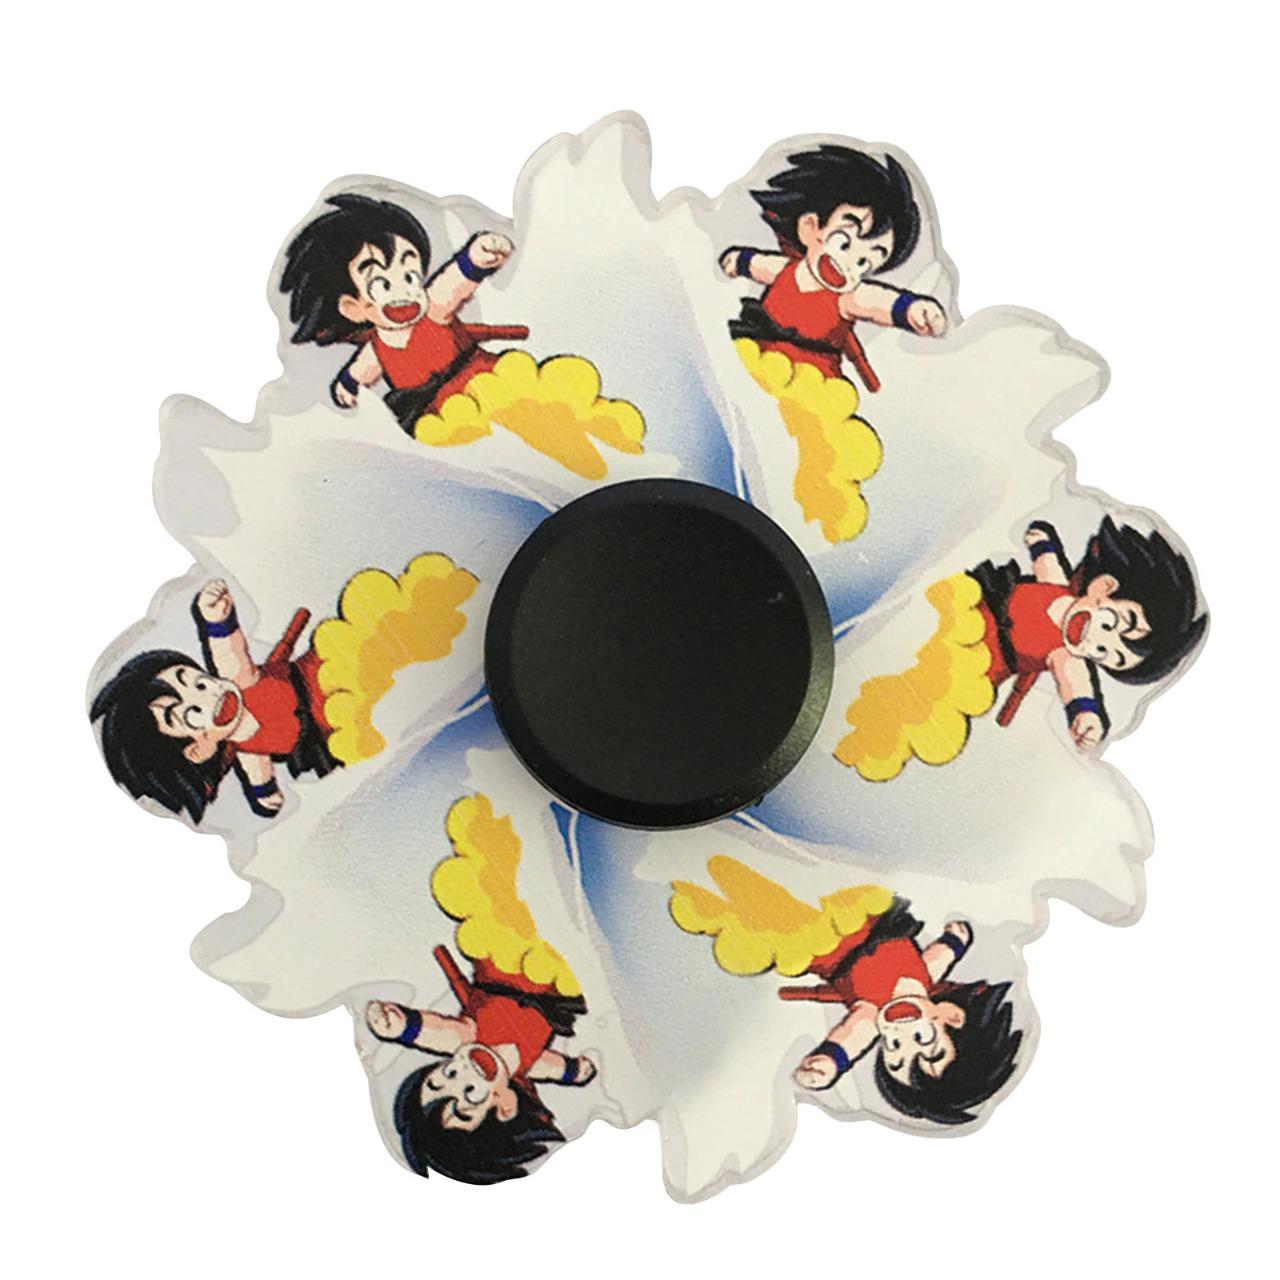 Hand Spinner Motion Goku na Nuvem Voadora: Dragon Ball Classico - Rolamento Anti Estresse Fidget Hand Spinner - EVALI